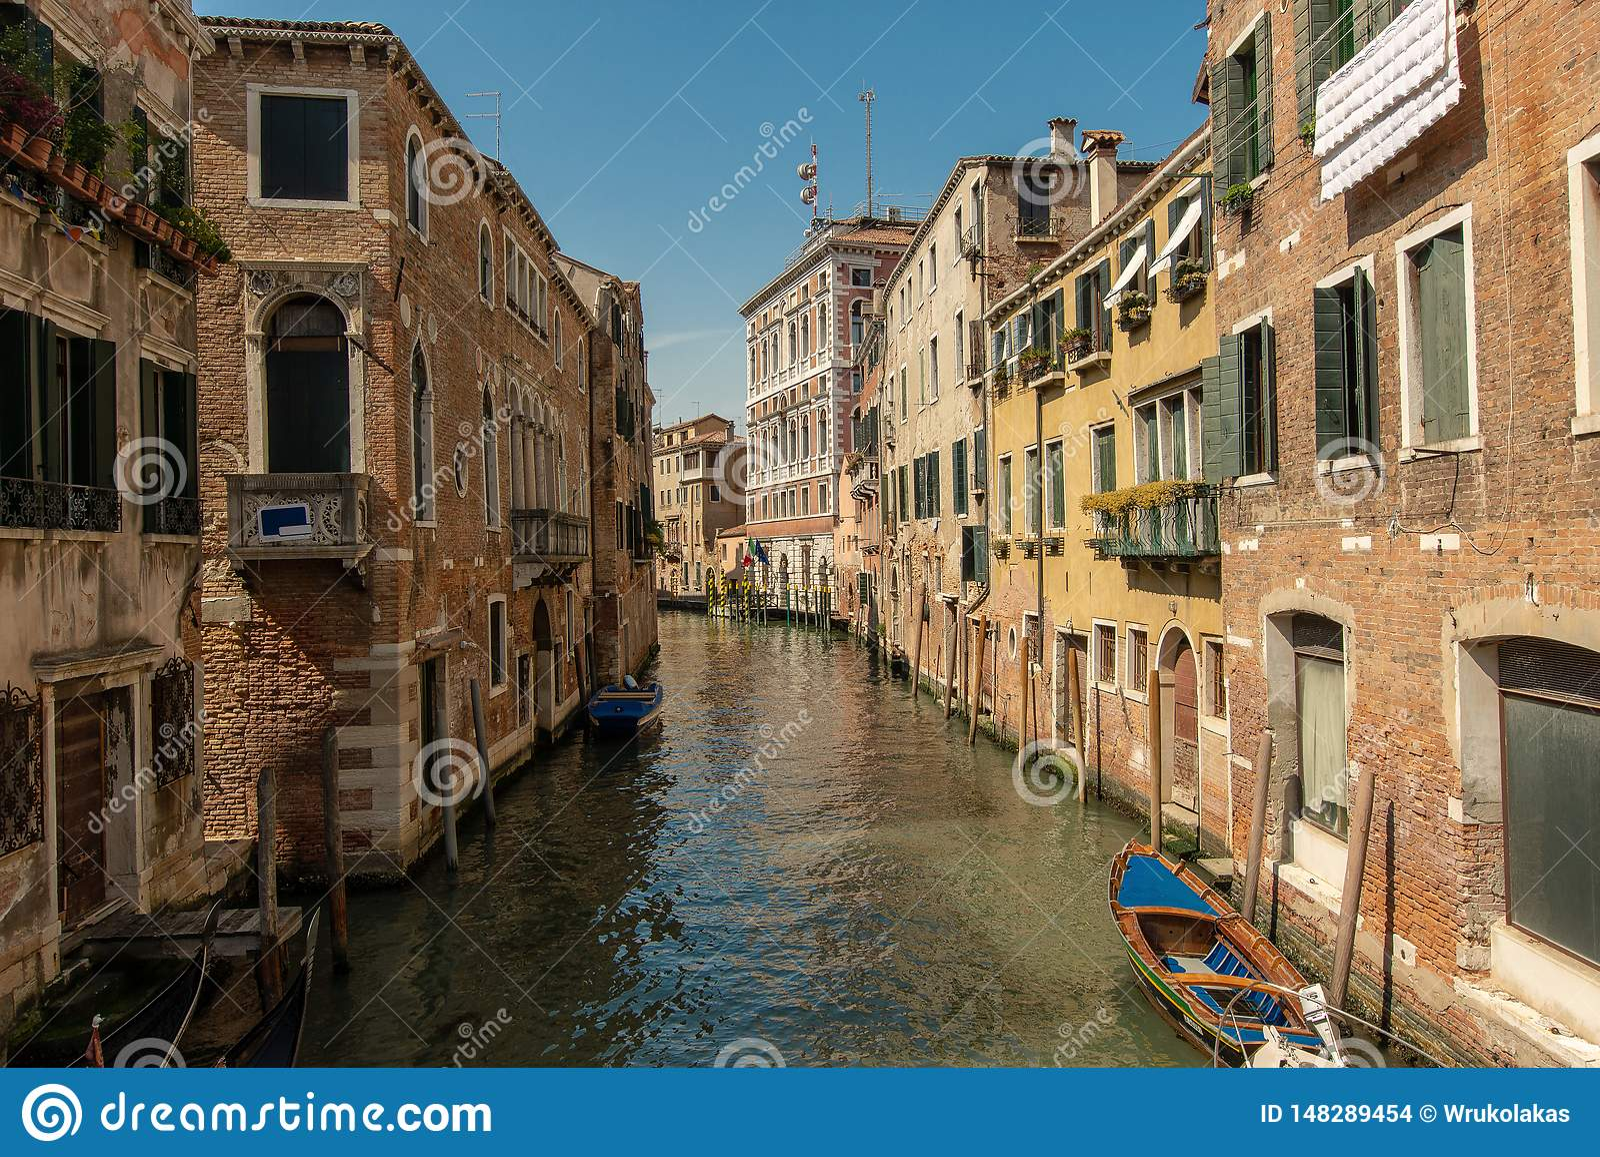 Ein kleiner Kanal in Venedig, Italien